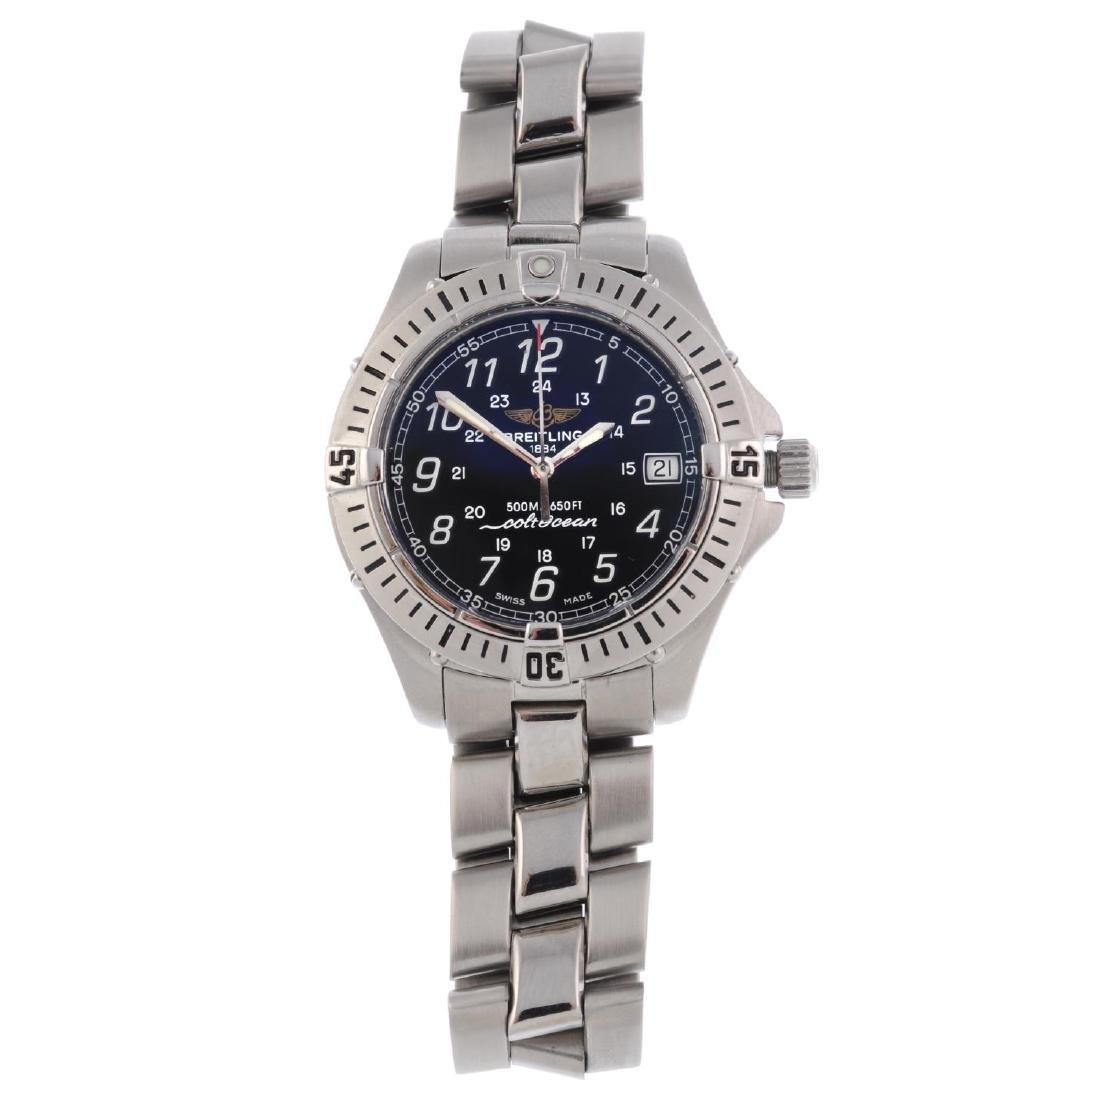 BREITLING - a gentleman's ColtOcean bracelet watch.